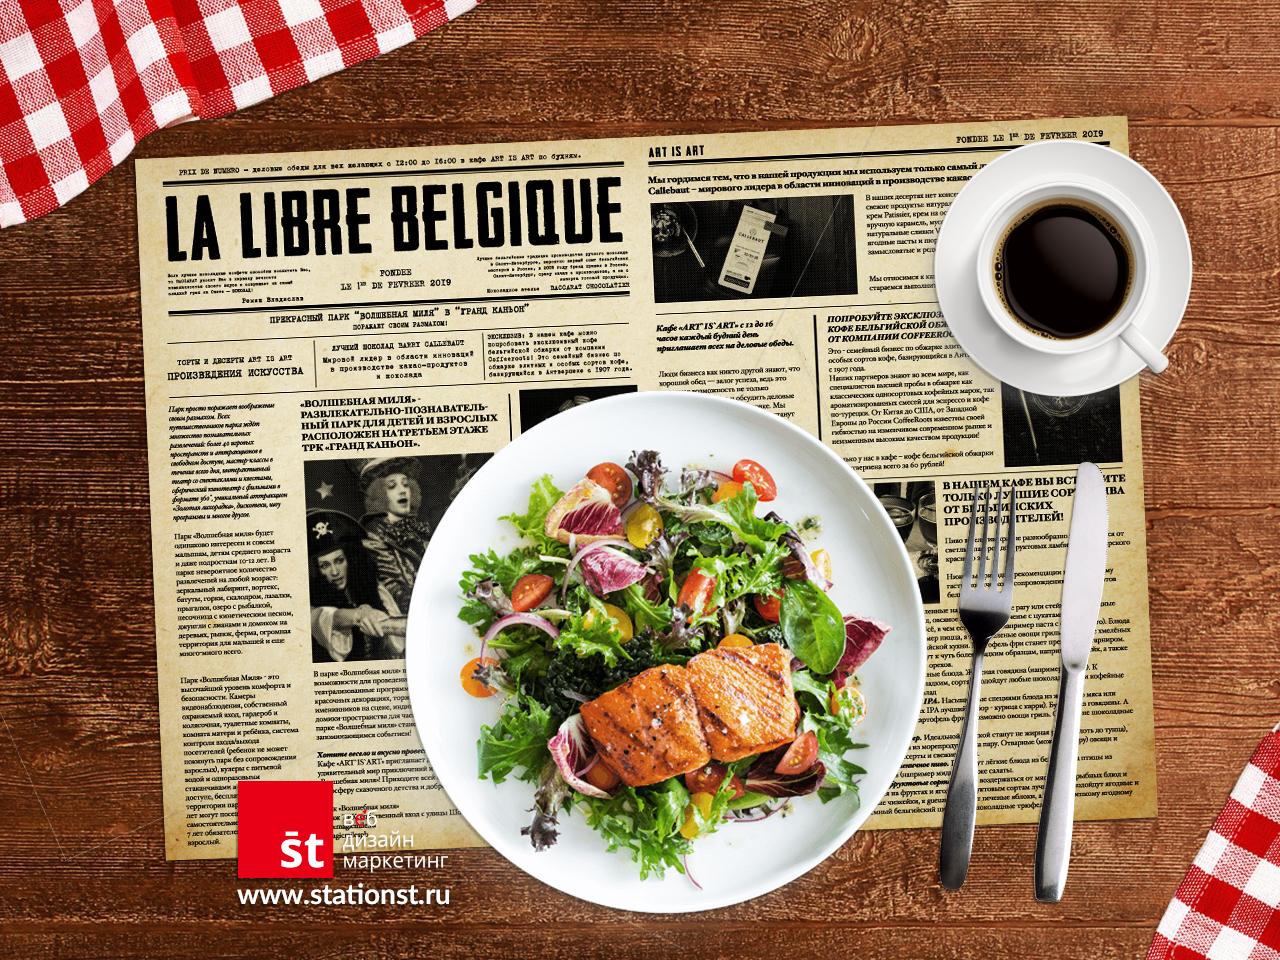 Дизайн меню для бельгийского ресторана